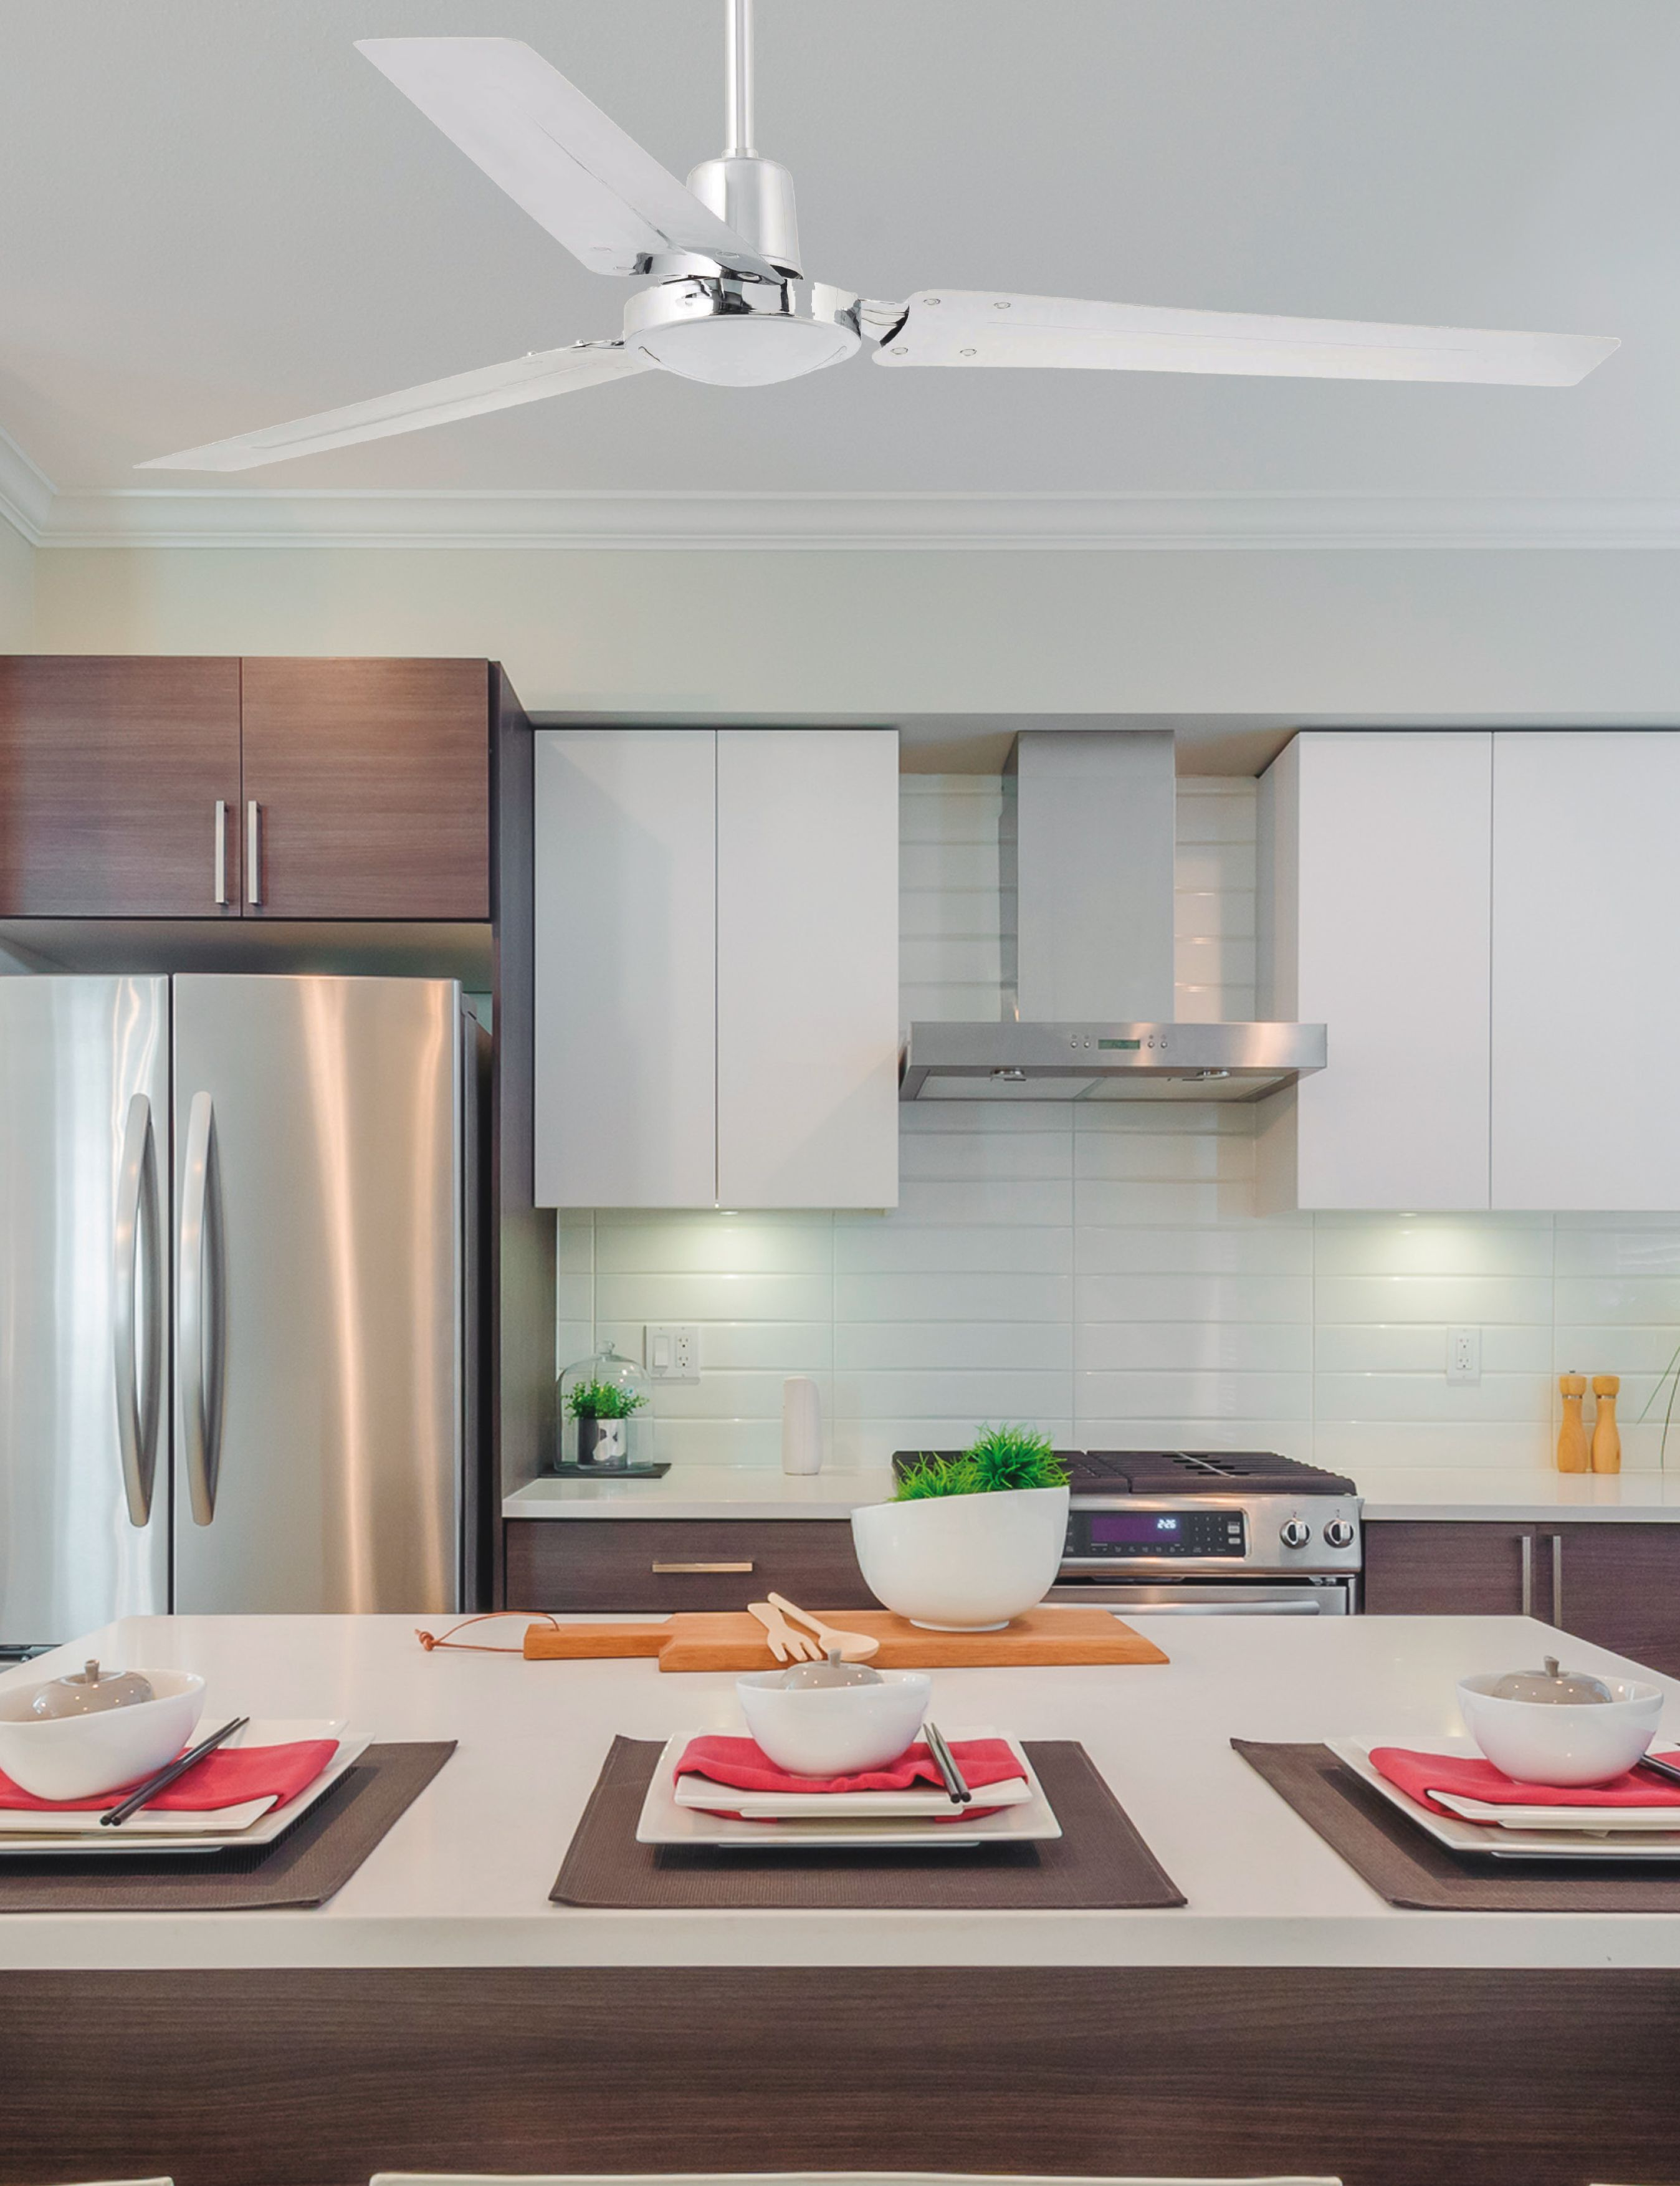 Ventilador de techo de l neas modernas moderno ideal para habitaciones a partir de 17 6m2 - Ventilador de techo moderno ...